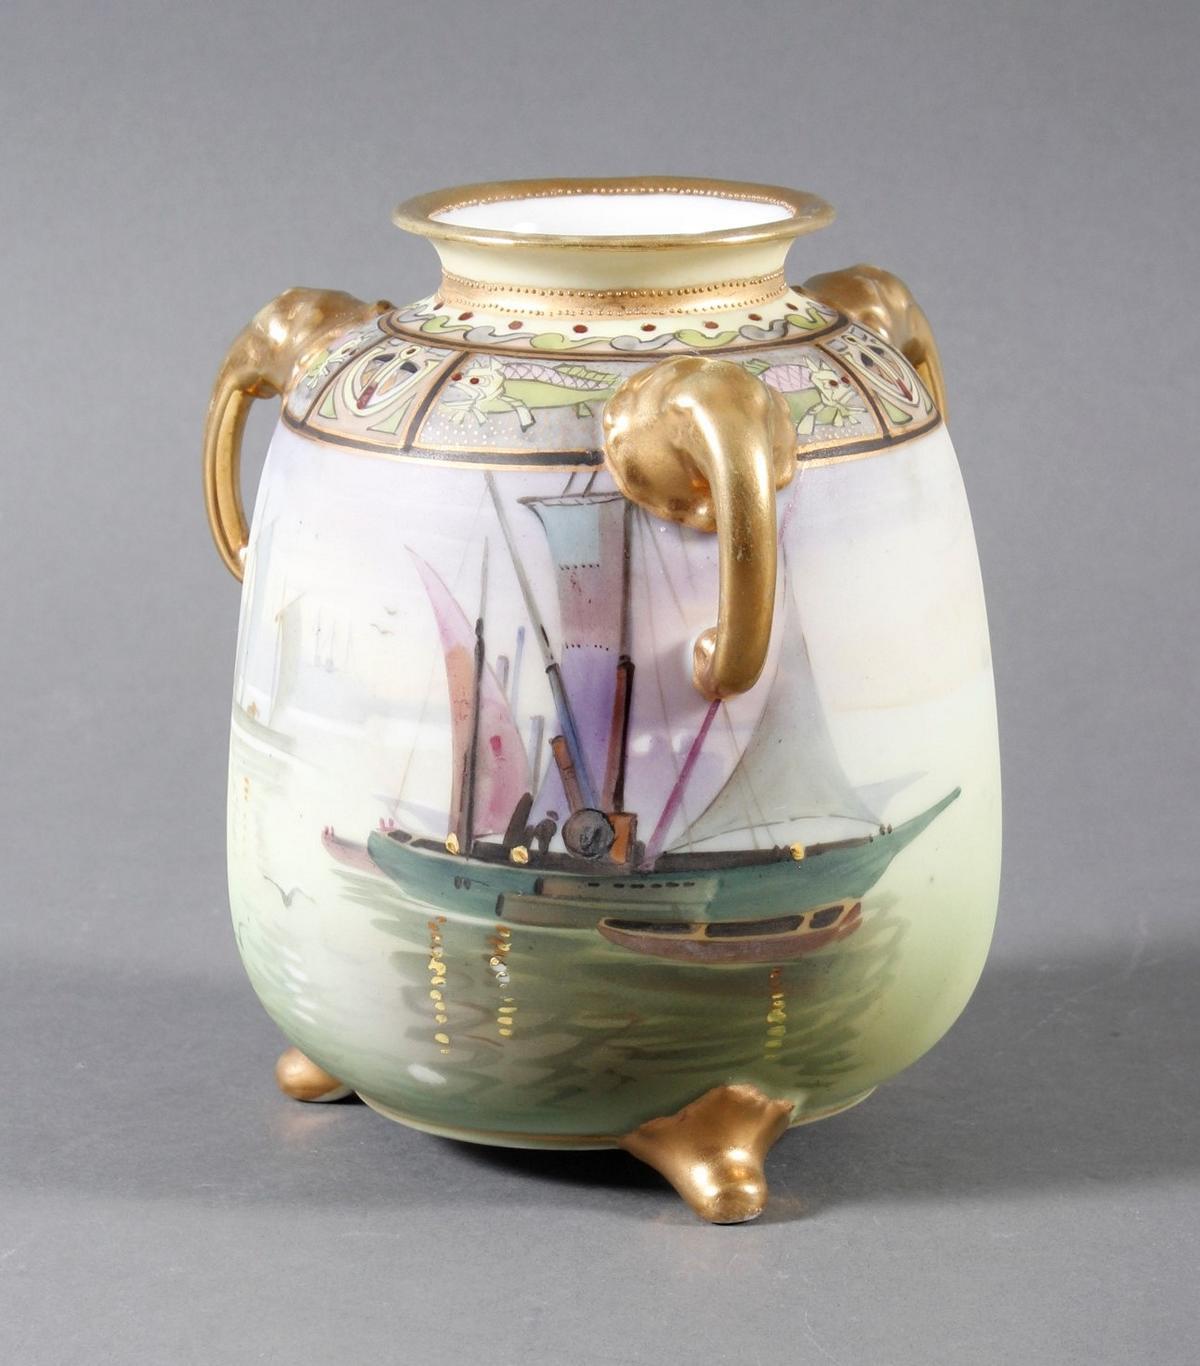 Dreihenkel-Porzellanvase, Nippon Porzellan um 1910